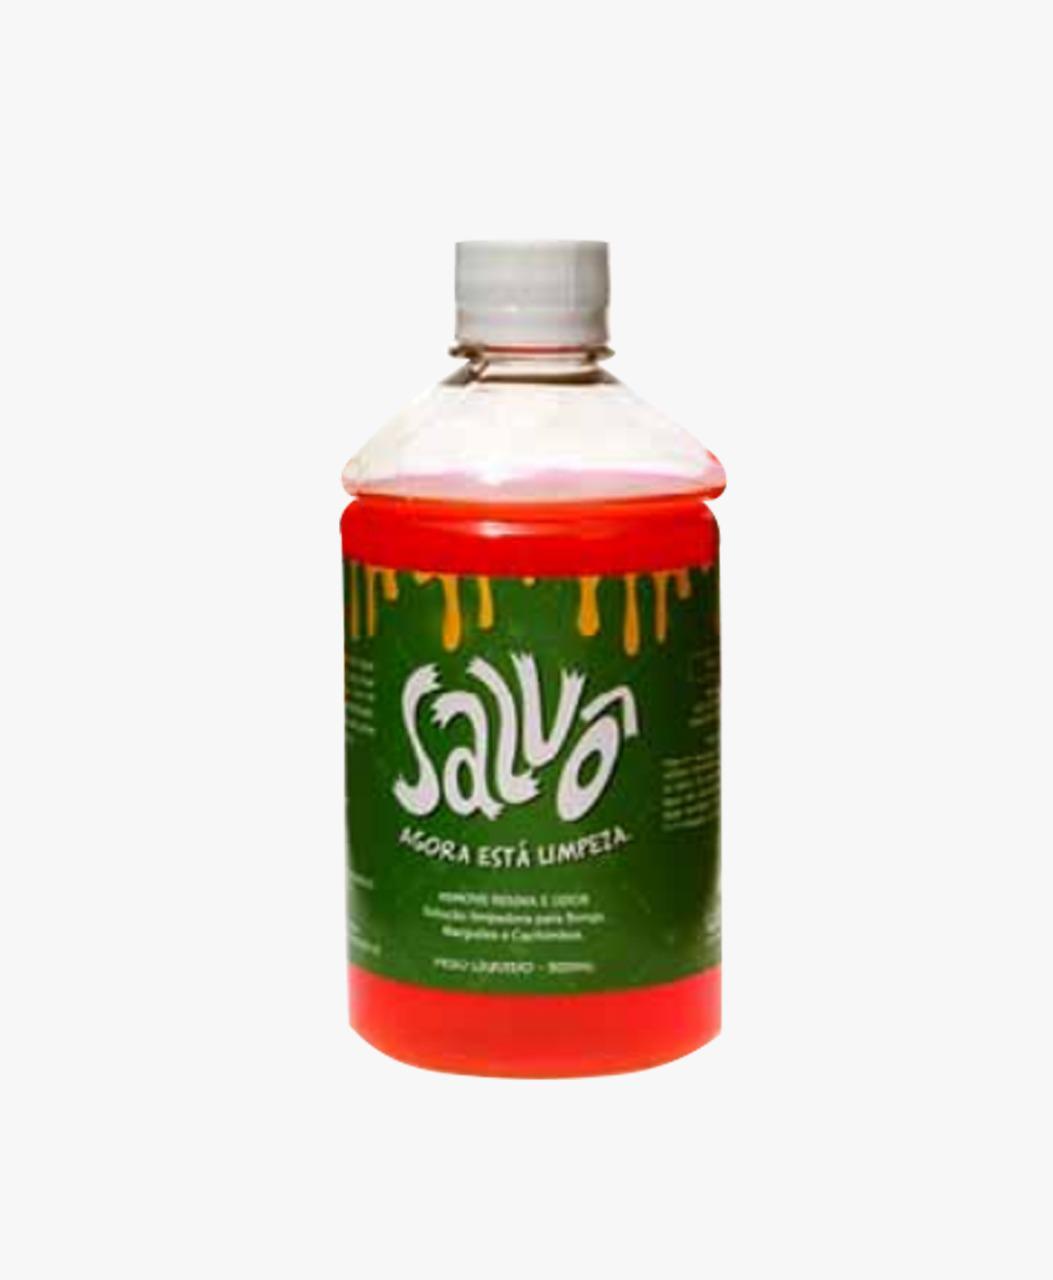 SalvÔ Solução Limpadora - Tutty frutty